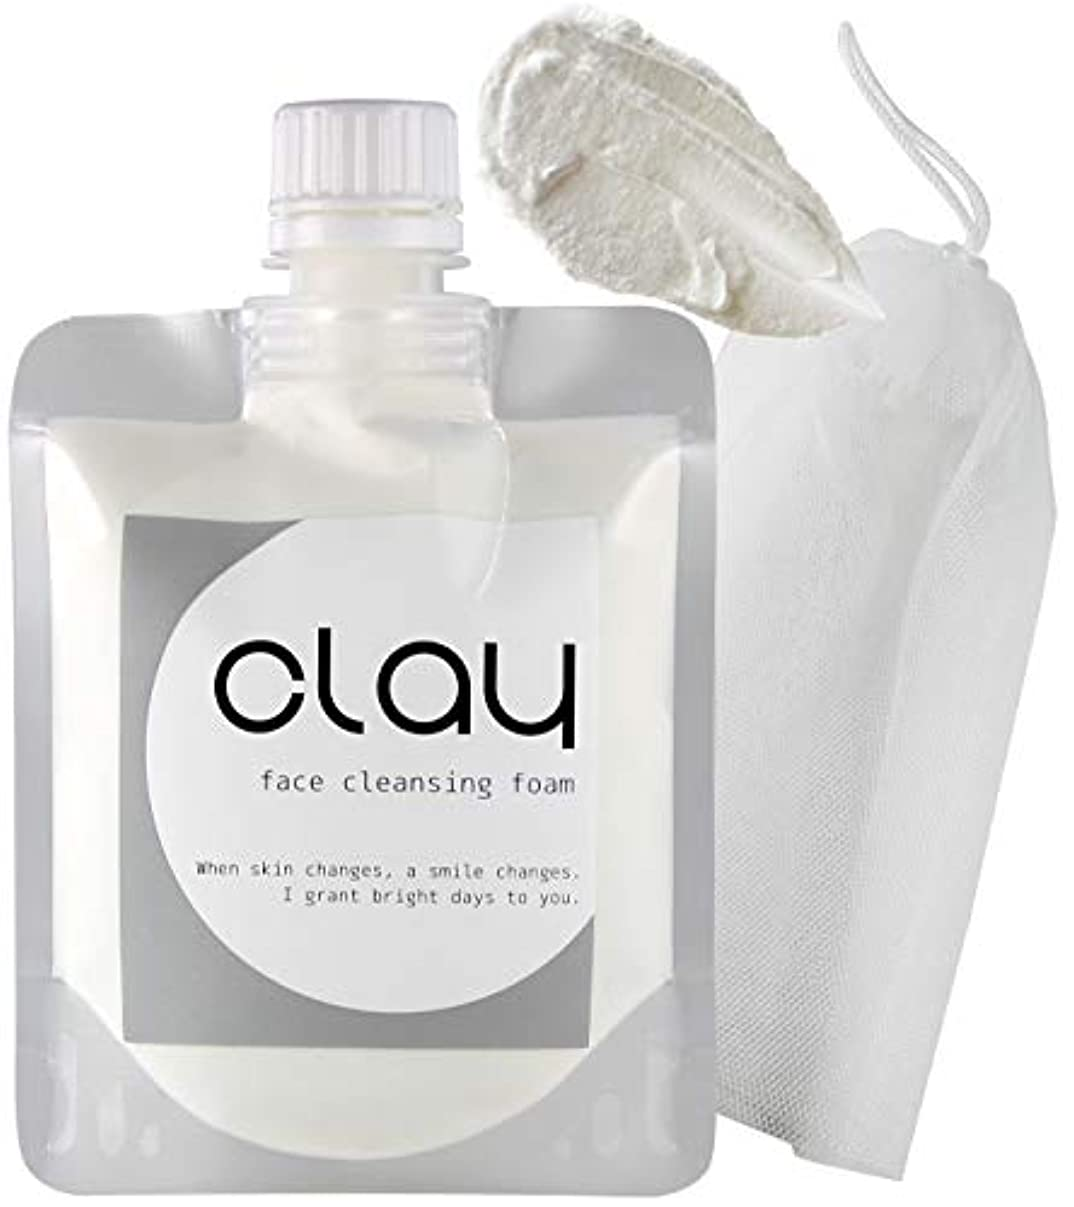 知り合いブリーク検査STAR'S クレイ 泥 洗顔 オーガニック 【 毛穴 黒ずみ 開き ザラ付き 用】「 泡 ネット 付き」 40種類の植物エキス 16種類の美容成分 9つの無添加 透明感 柔肌 130g (Clay)